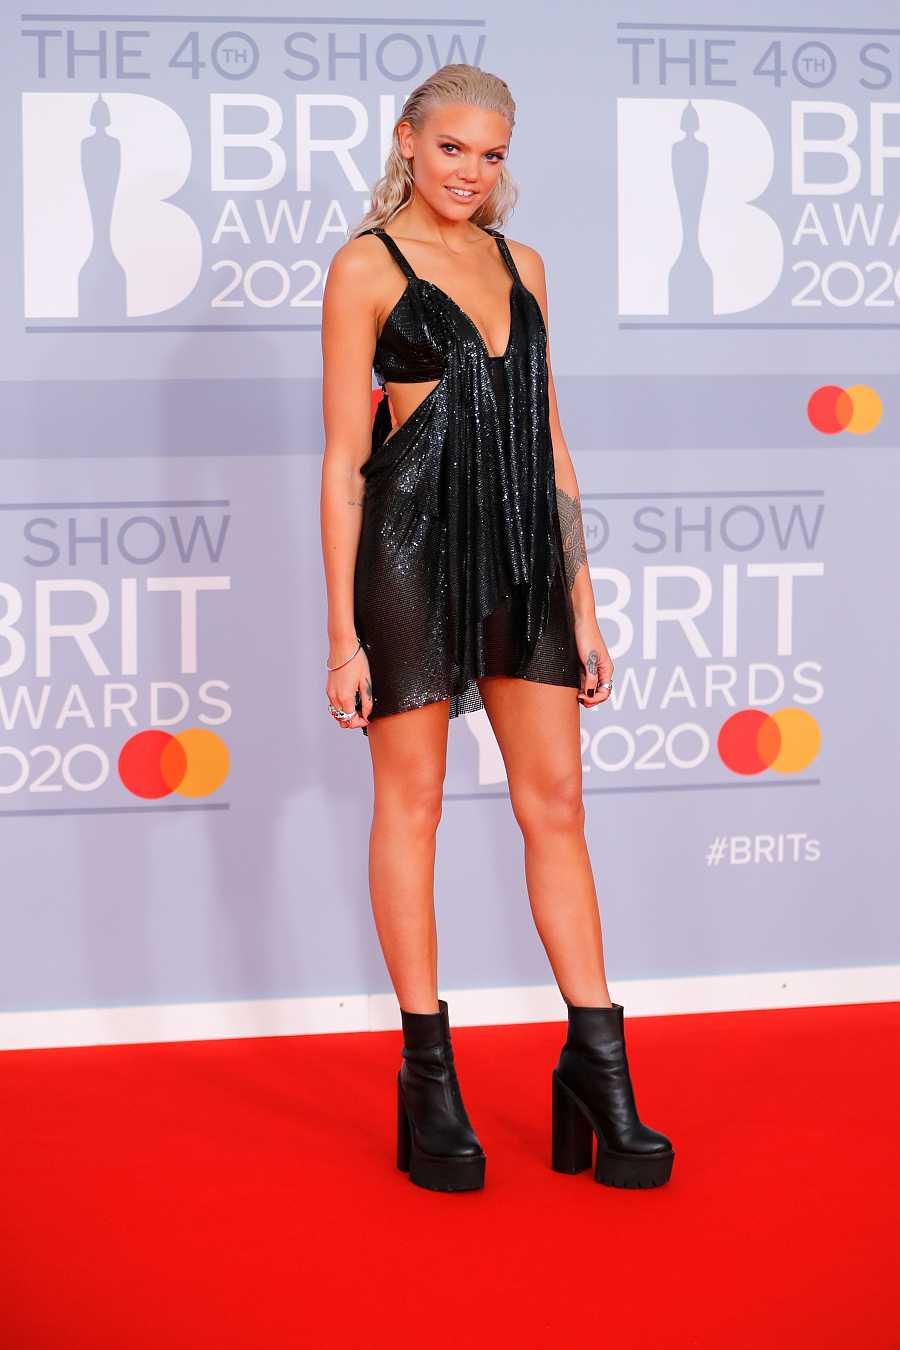 La presentadora y DJ Becca Dudley en los Brit 2020 con un vestido negro mini de tirantes y escote pronunciado combinado con unas botas planas